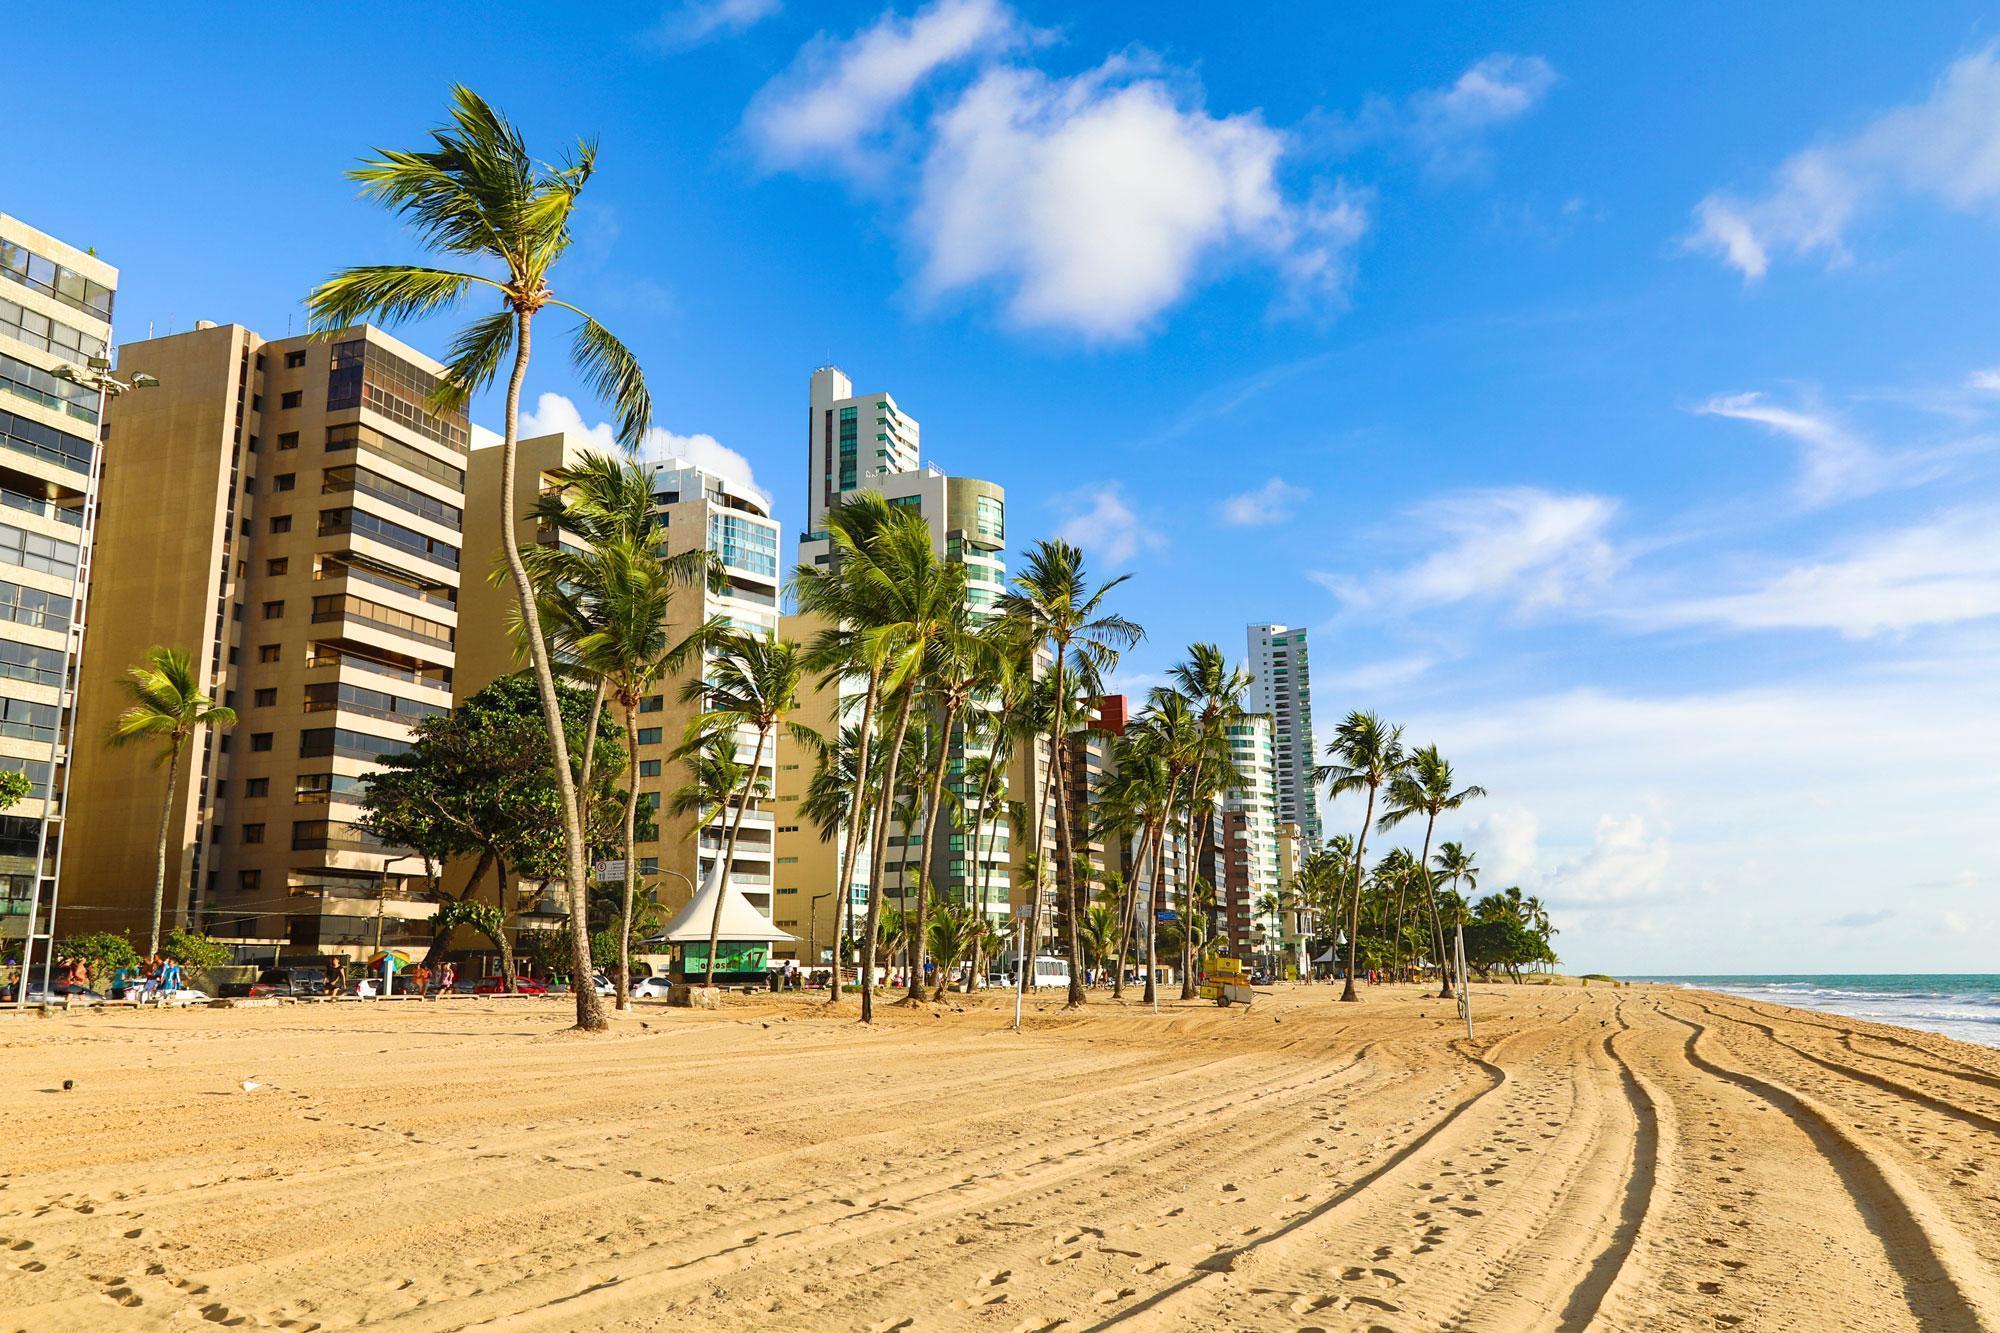 areia da praia de boa viagem